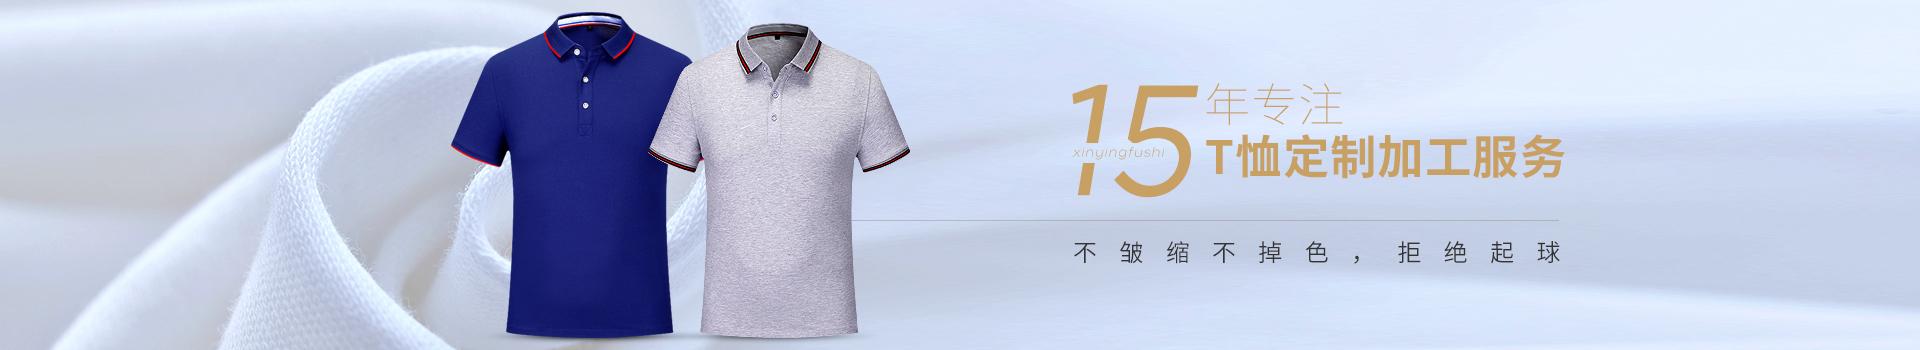 鑫鹰服饰-15年专注T恤定制加工服务